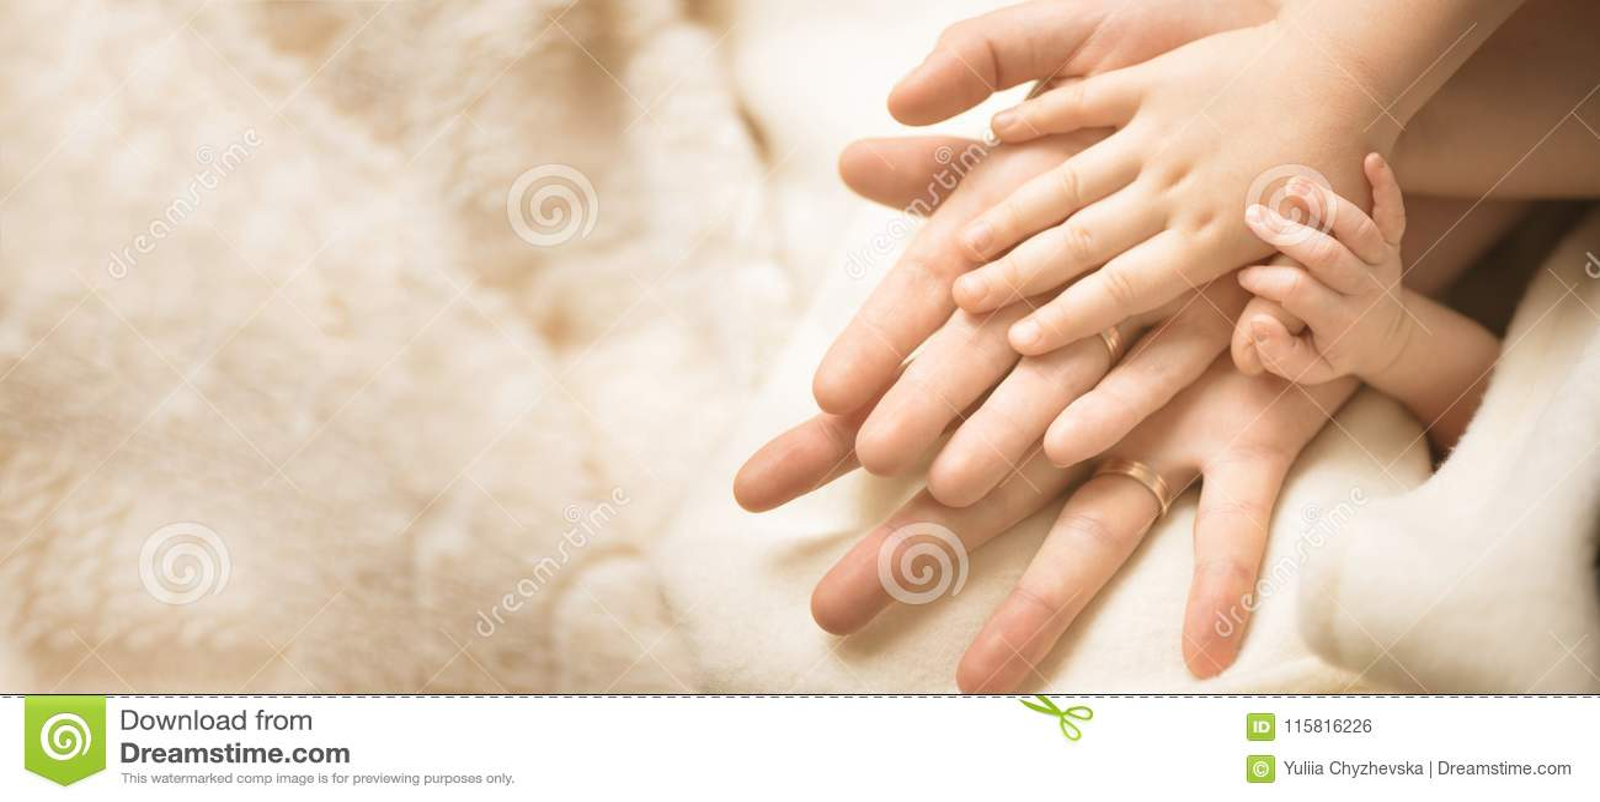 Pasgeboren kindhand Close-up van babyhand in oudershanden Familie, moederschaps en geboorteconcept banner